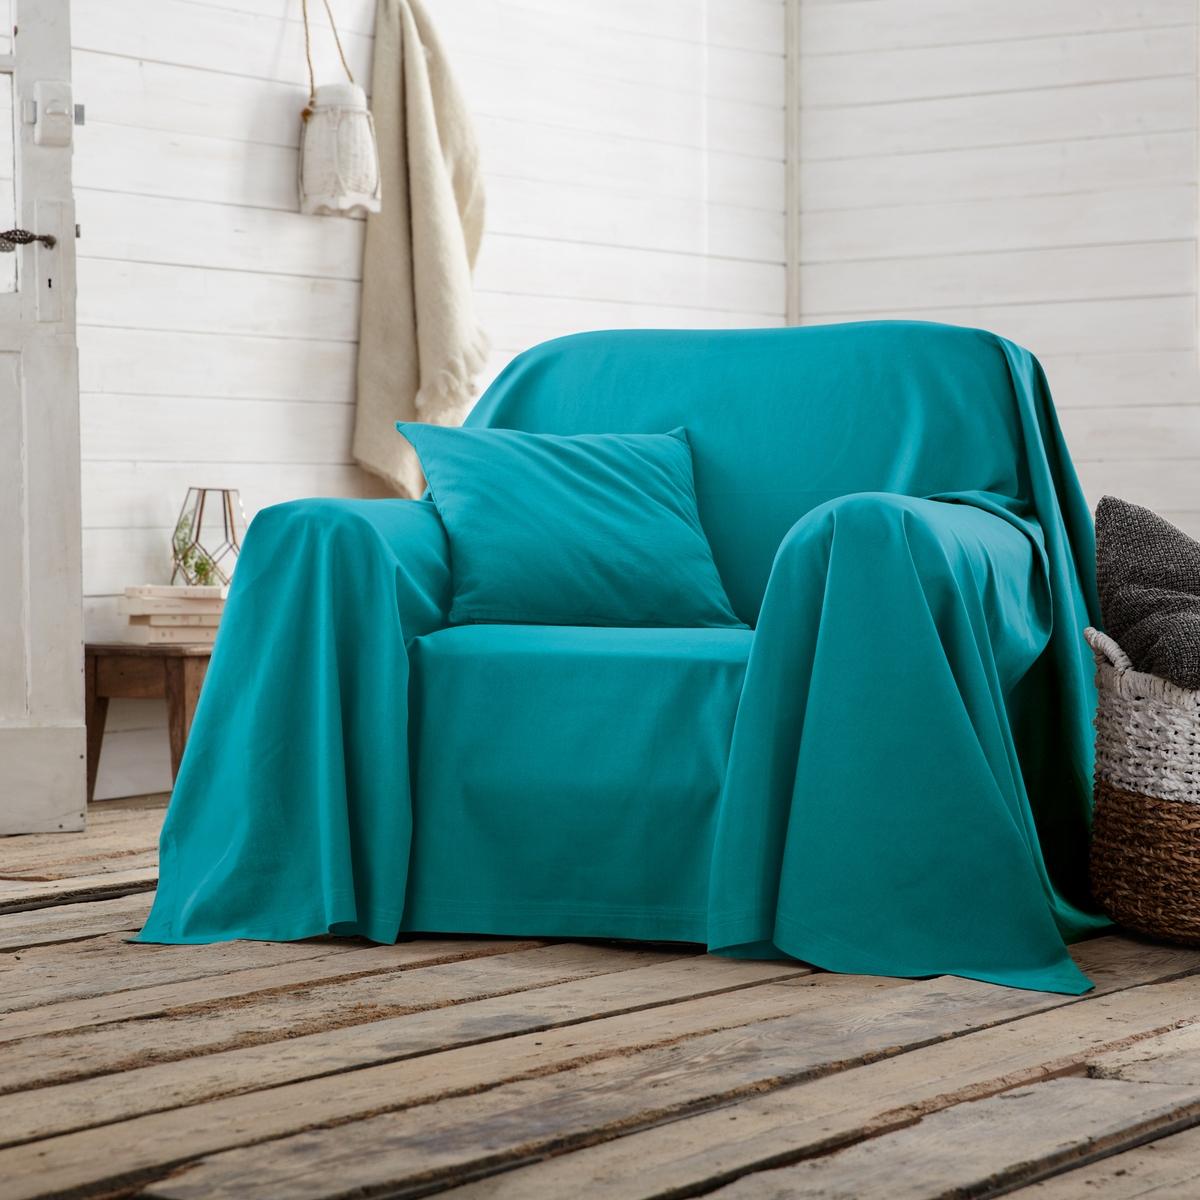 Покрывало однотонное для кресла или диванаПокрывало однотонное для кресла или дивана для декора качества Qualit? Best.Характеристики покрывала для кресла или дивана :- Хлопковая ткань (220 г/м?).- Простой уход: стирка при температуре 40°, превосходная стойкость цвета.Производство осуществляется с учетом стандартов по защите окружающей среды и здоровья человека, что подтверждено сертификатом Oeko-tex®.<br><br>Цвет: сине-зеленый<br>Размер: 250 x 250  см